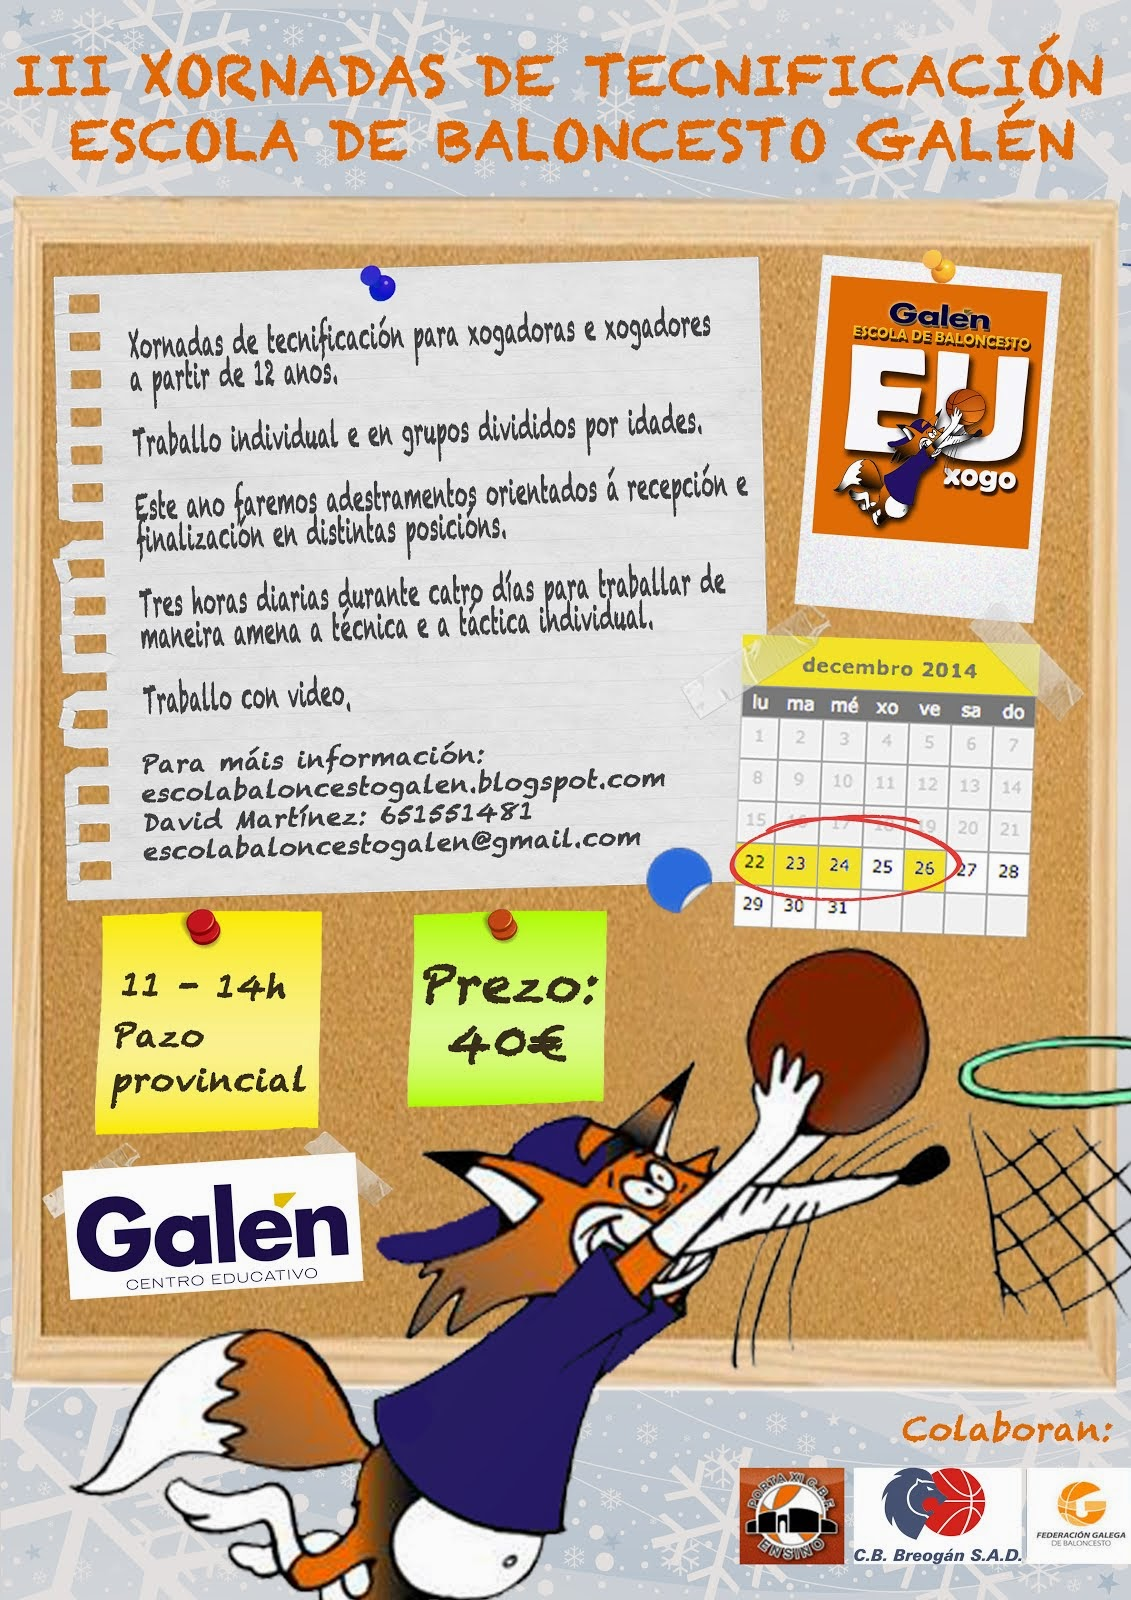 III Xornadas de Tecnificación Escola Baloncesto Galén